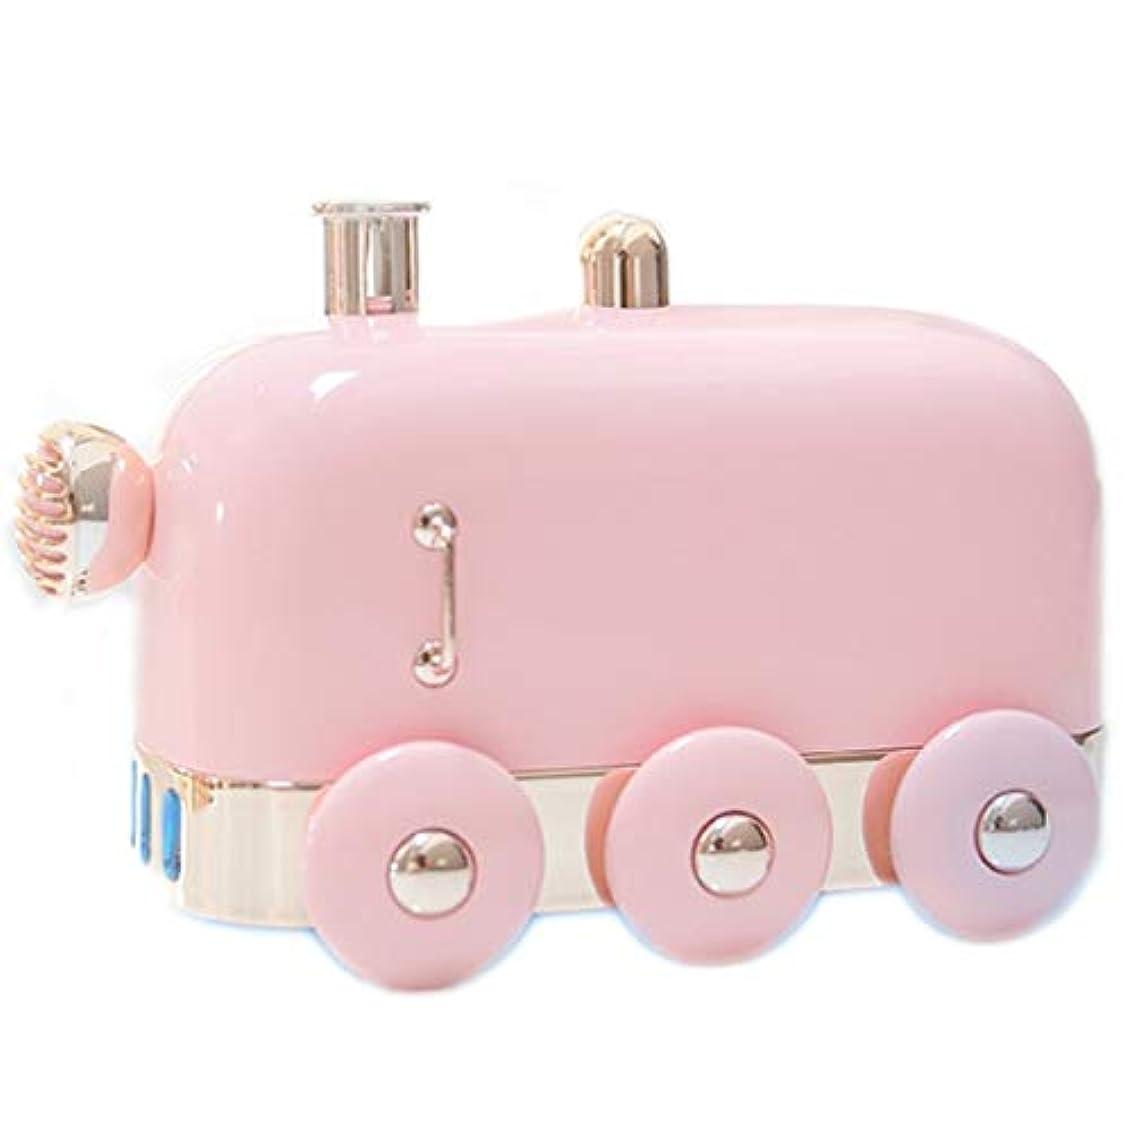 担当者情緒的矛盾するアロマセラピーエッセンシャルオイルディフューザー、アロマディフューザークールミスト加湿器ウォーターレスオートシャットオフホームオフィス用ヨガ (Color : Pink)